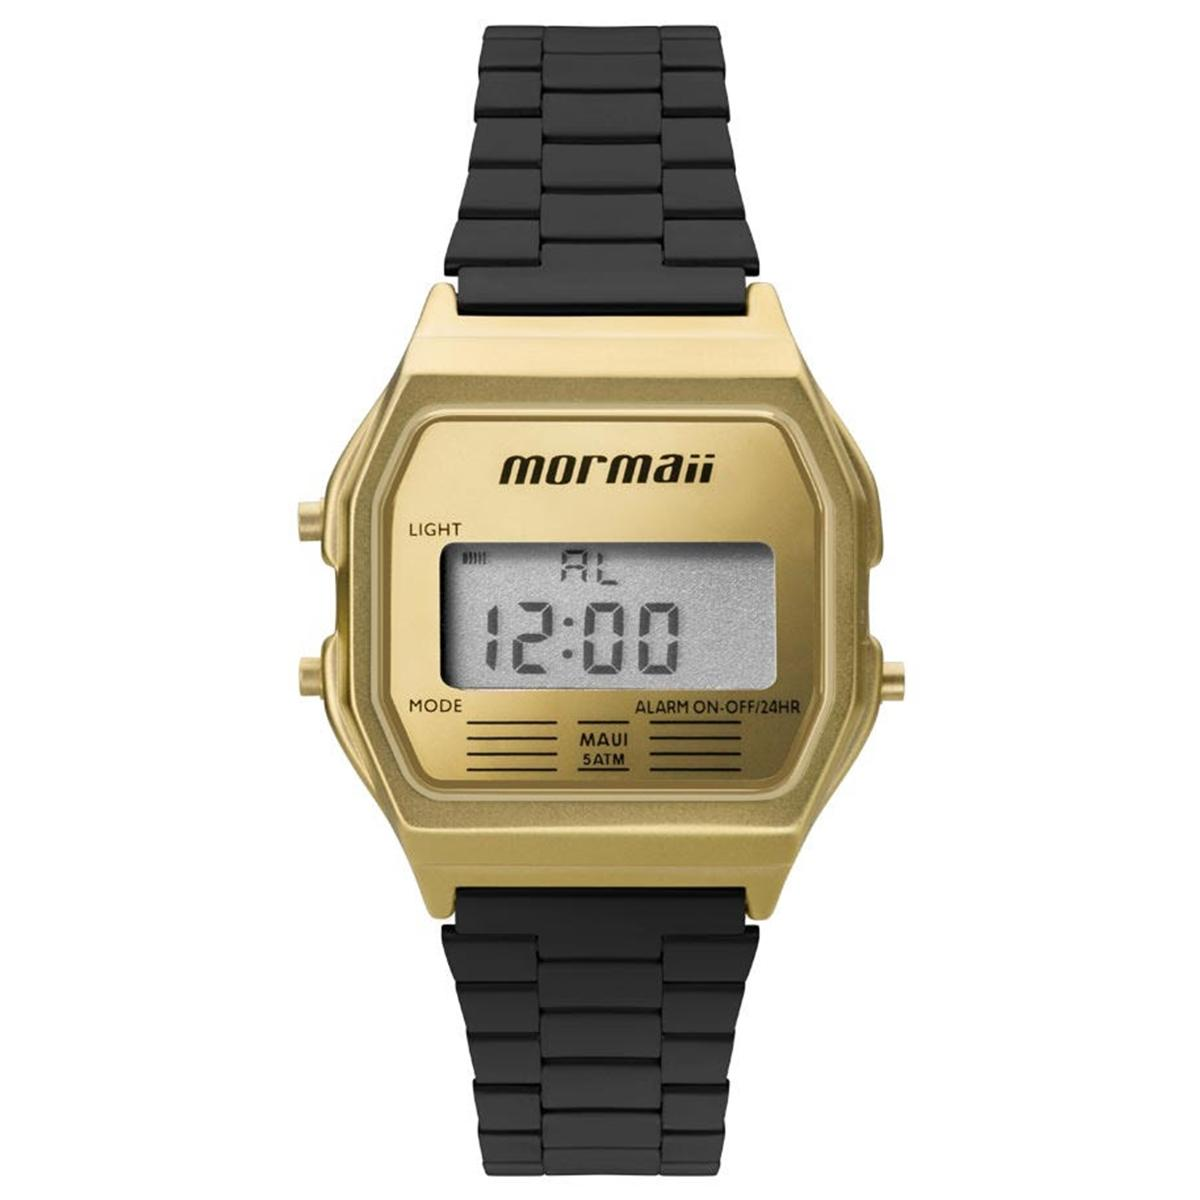 c386218301b62 Relógio Mormaii MOJH02AK 4D - Relógio Masculino - Magazine Luiza